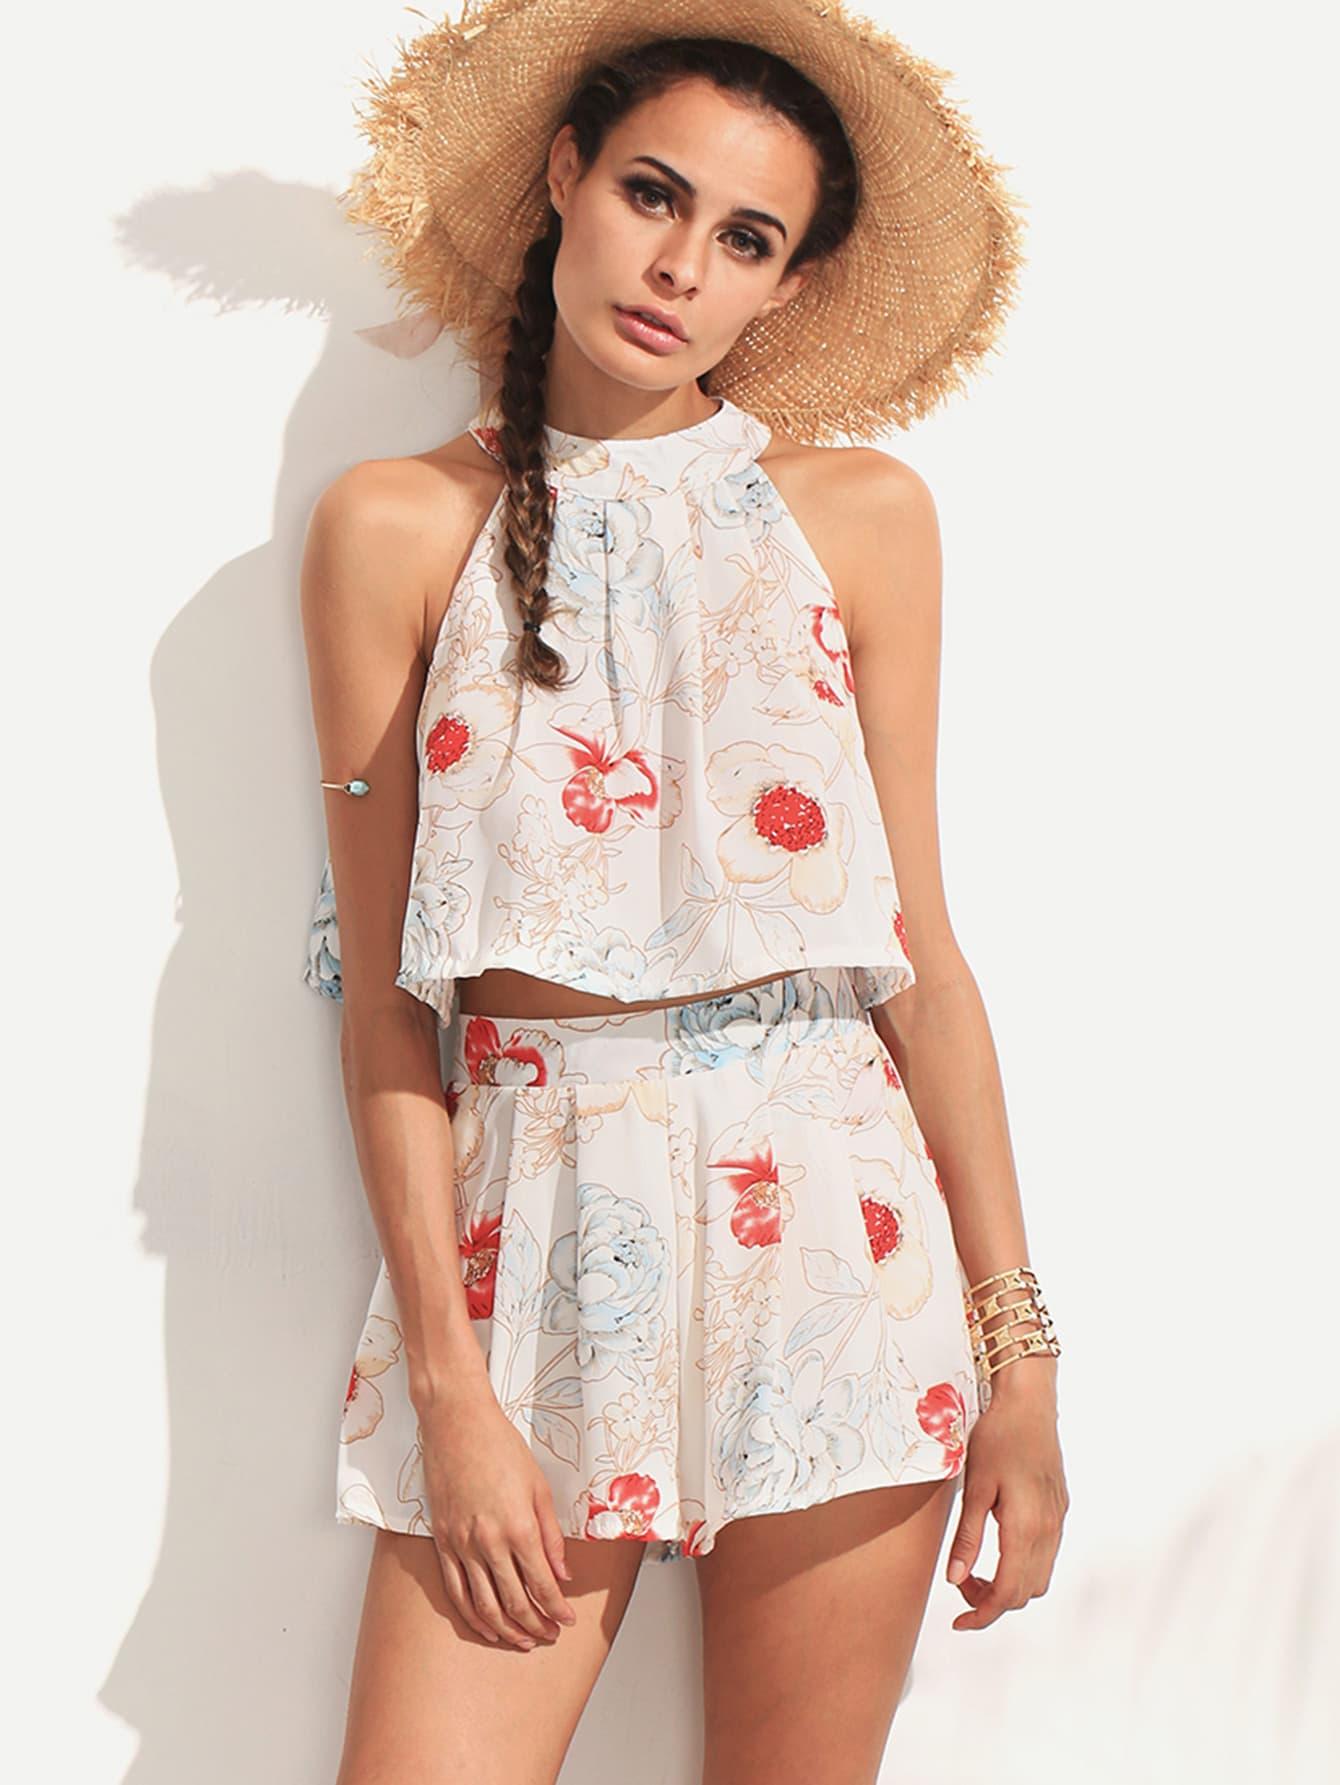 Купить Модный комплект с цветочным принтом. топ-халтер и шорты, Andy, SheIn